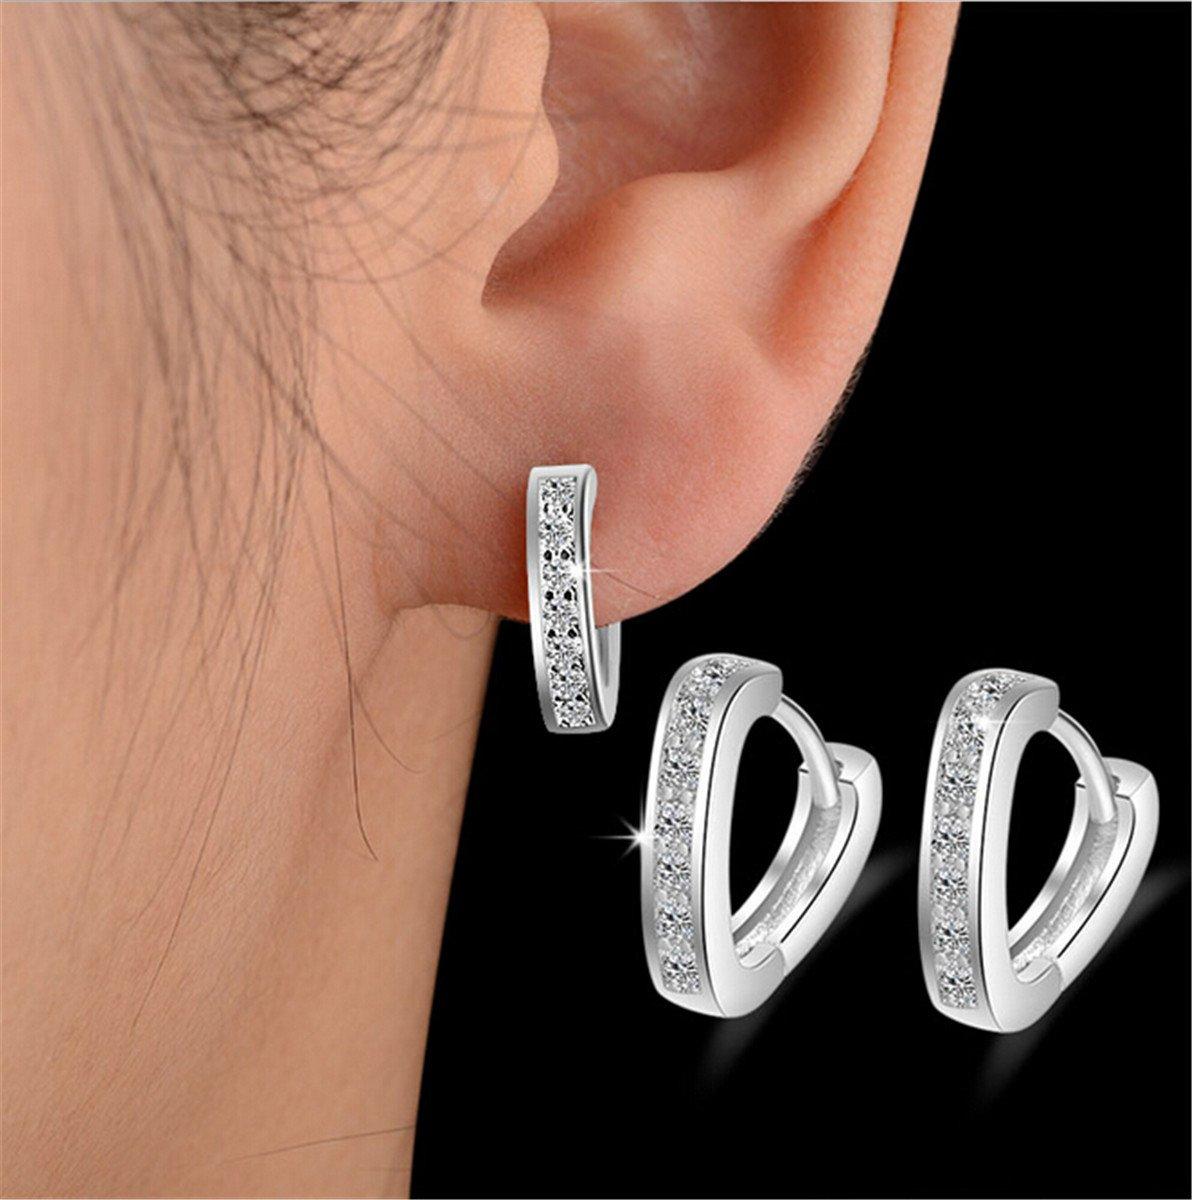 Silber Ohrringe Kreolen Klappcreolen mit Edlen Schmuck Rapidly 1 Paar Creolen Damen 925 Sterling Silber mit Zirkonia